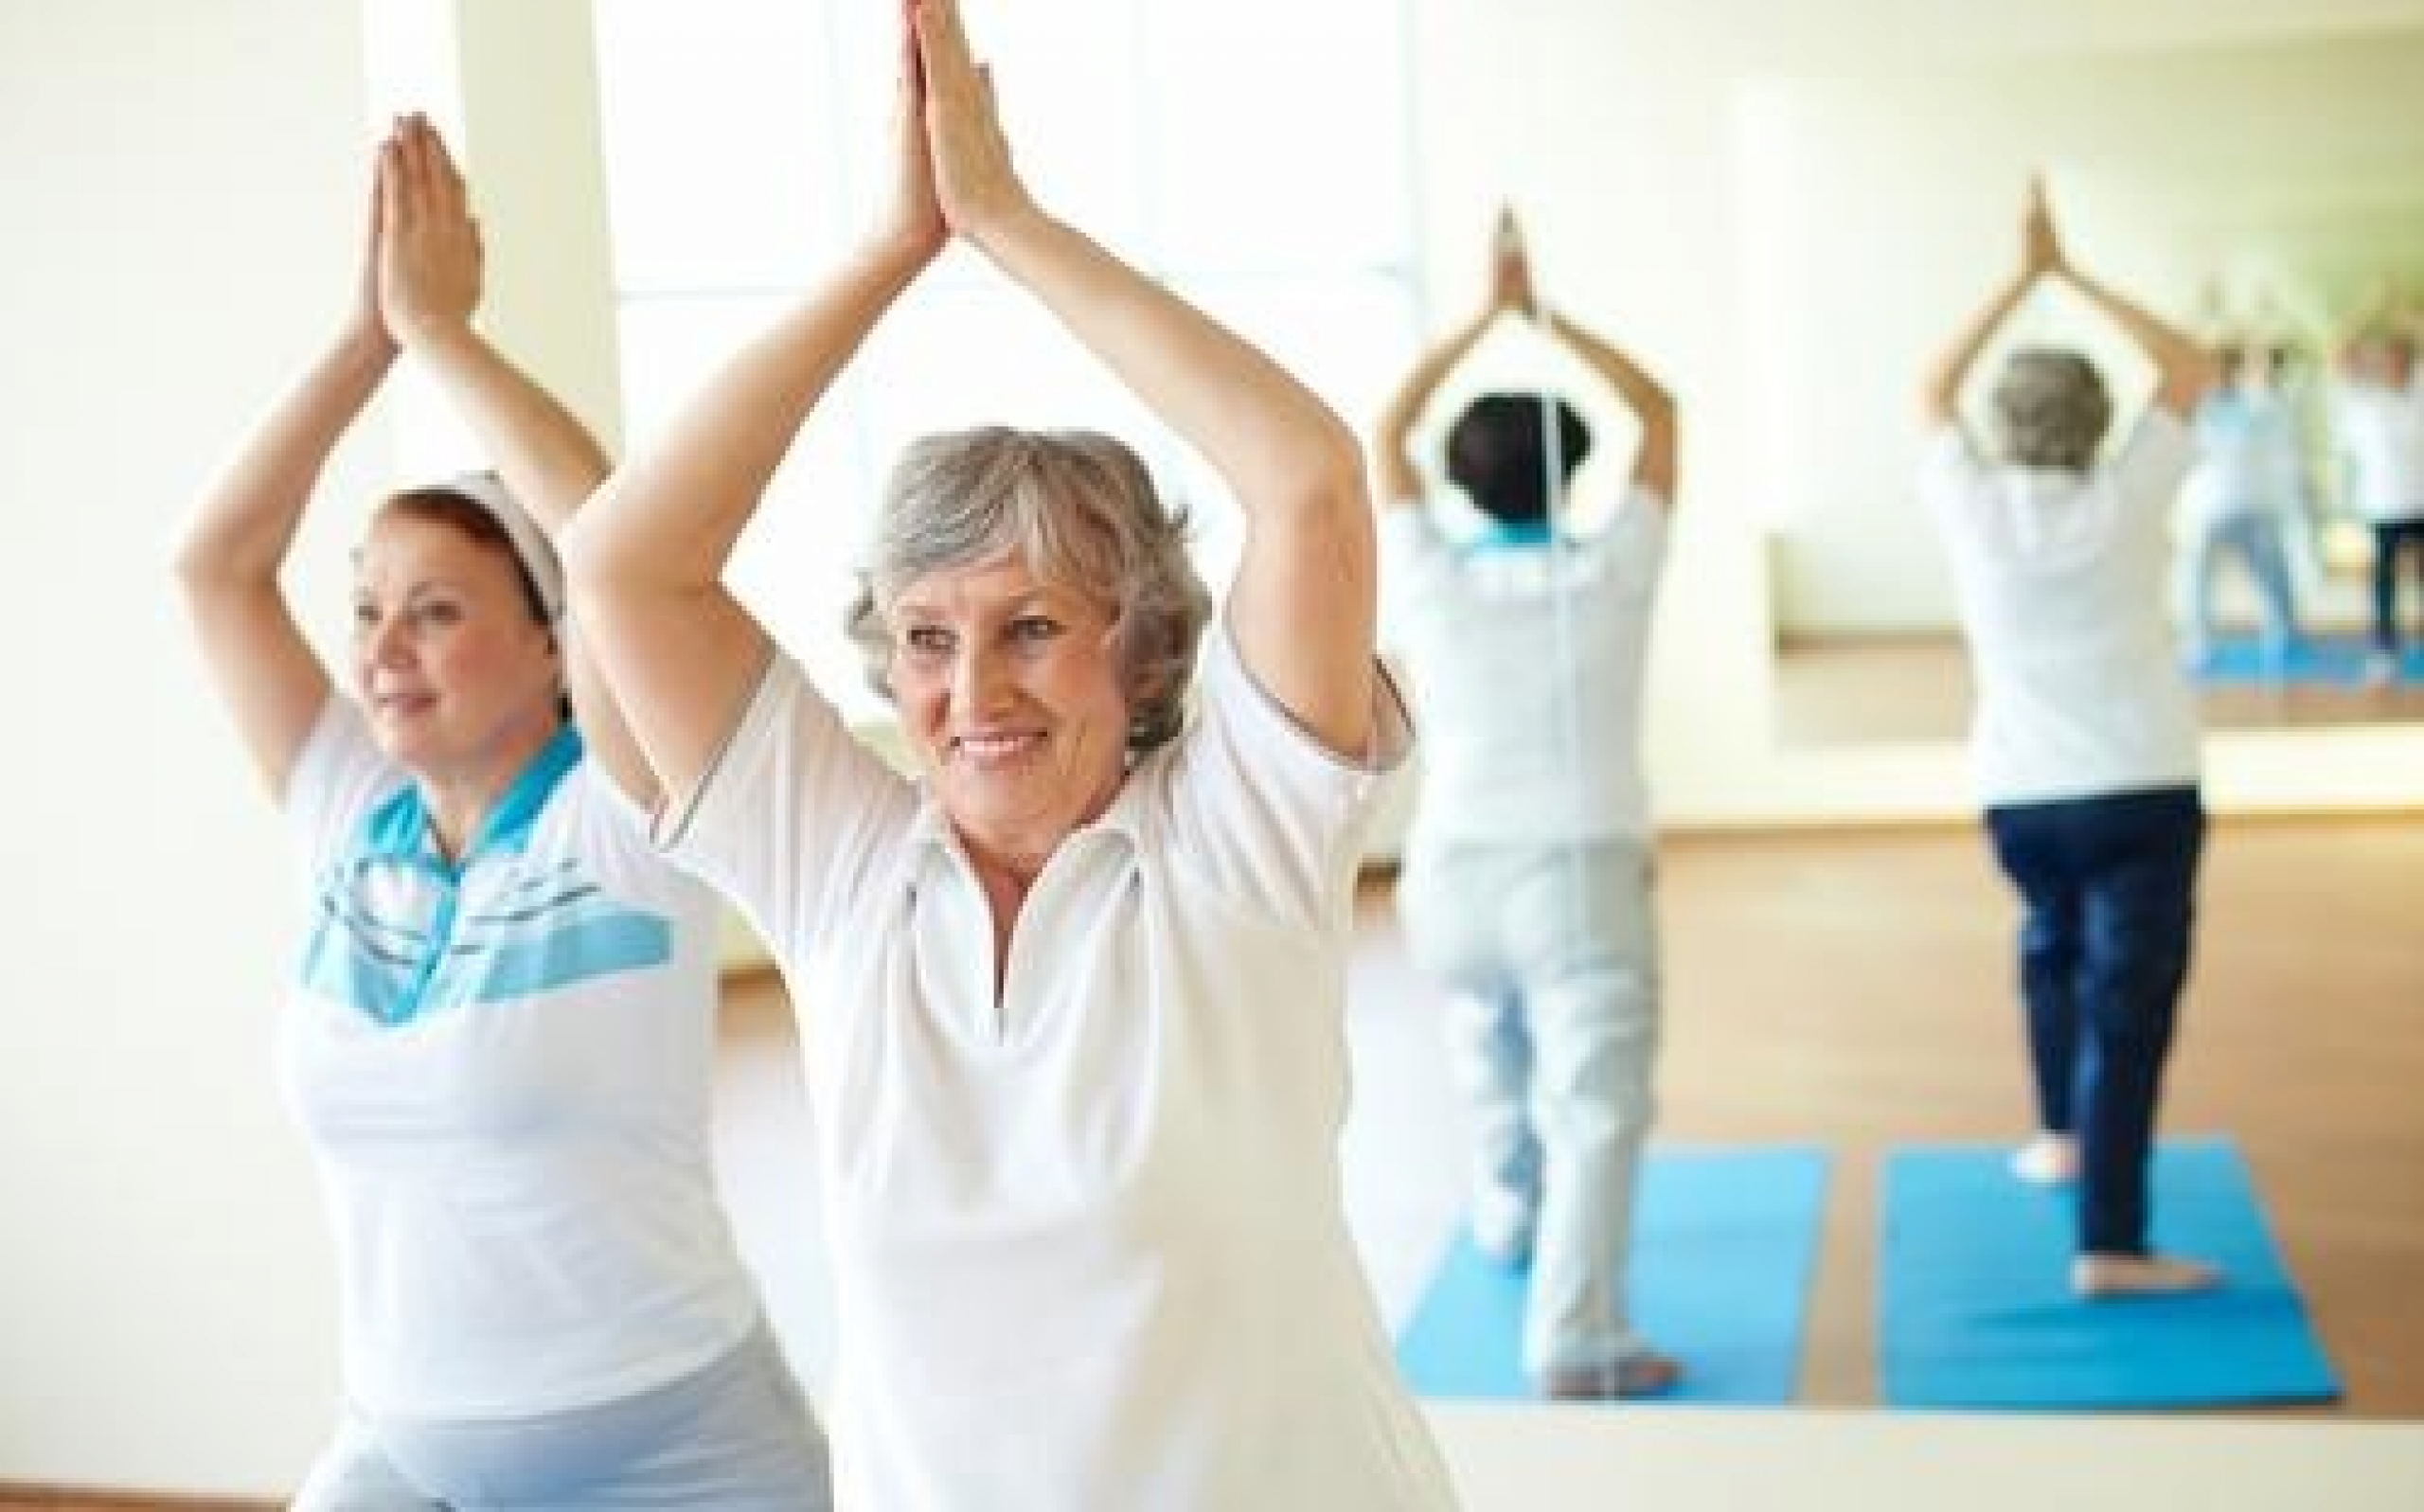 Физические упражнения влияющие на длительность секса